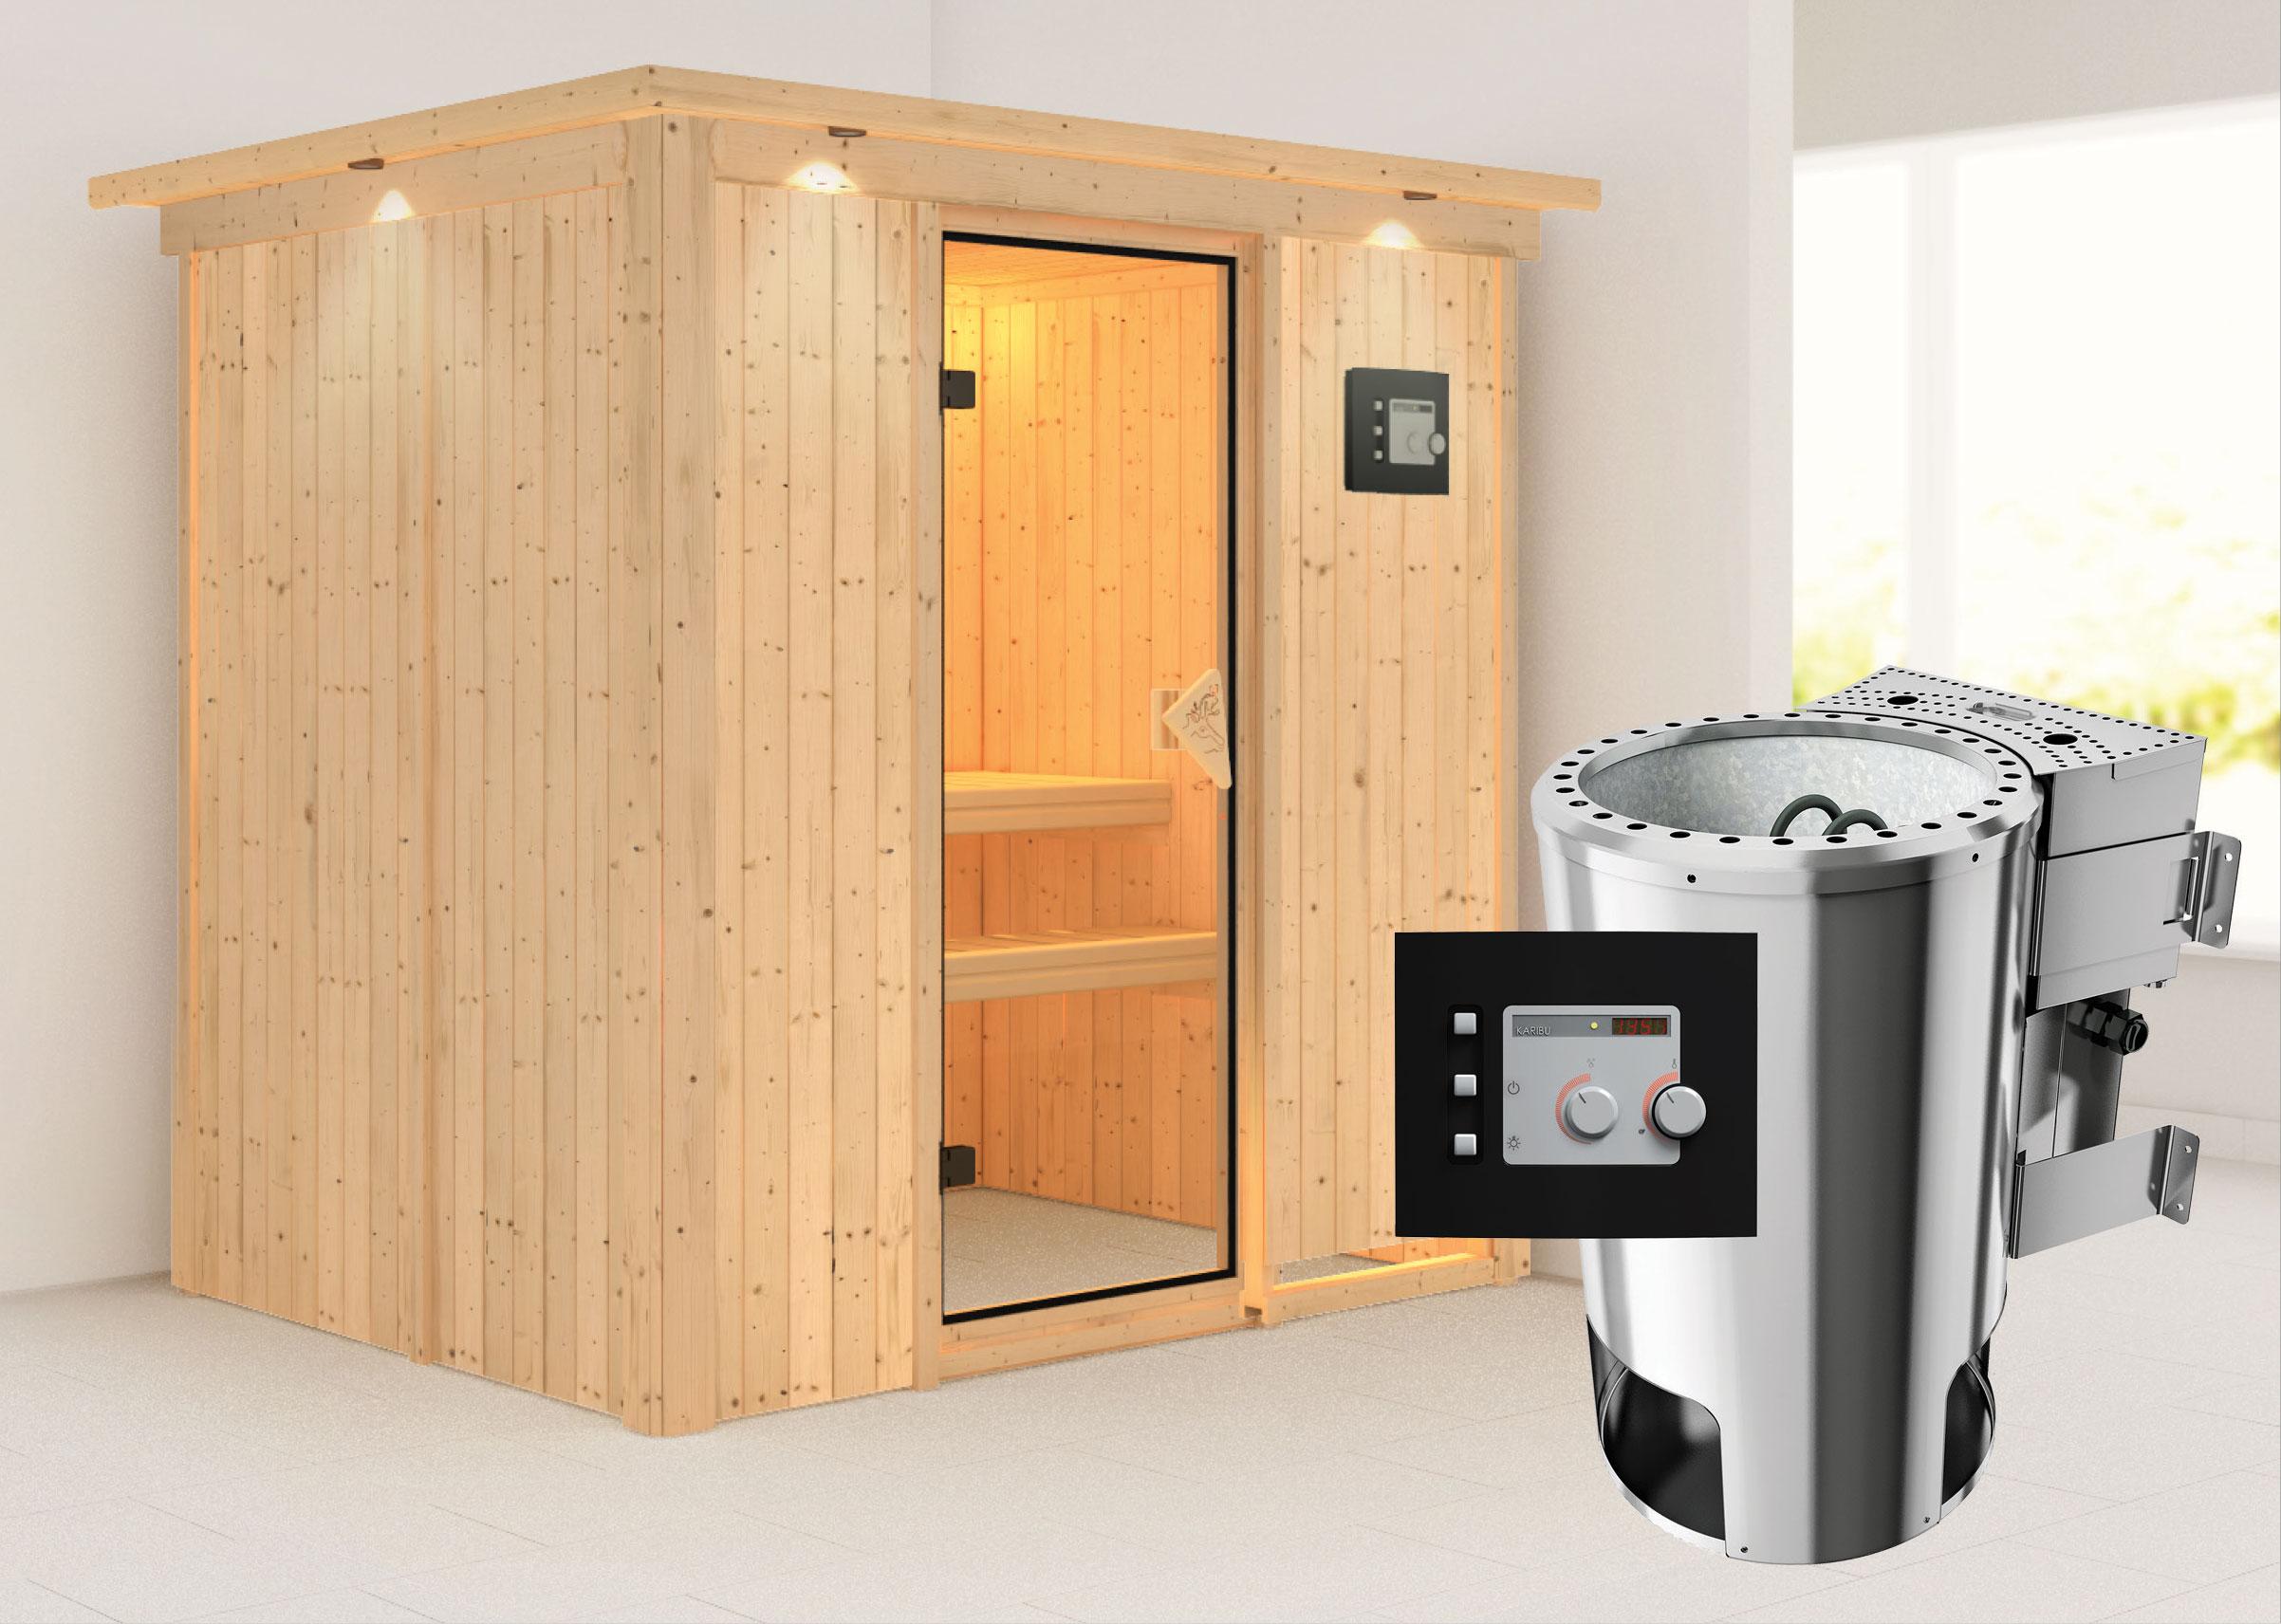 Karibu Sauna Fanja 68mm 230V Dachkranz + BioOfen 3,6kW ext classic Tür Bild 1